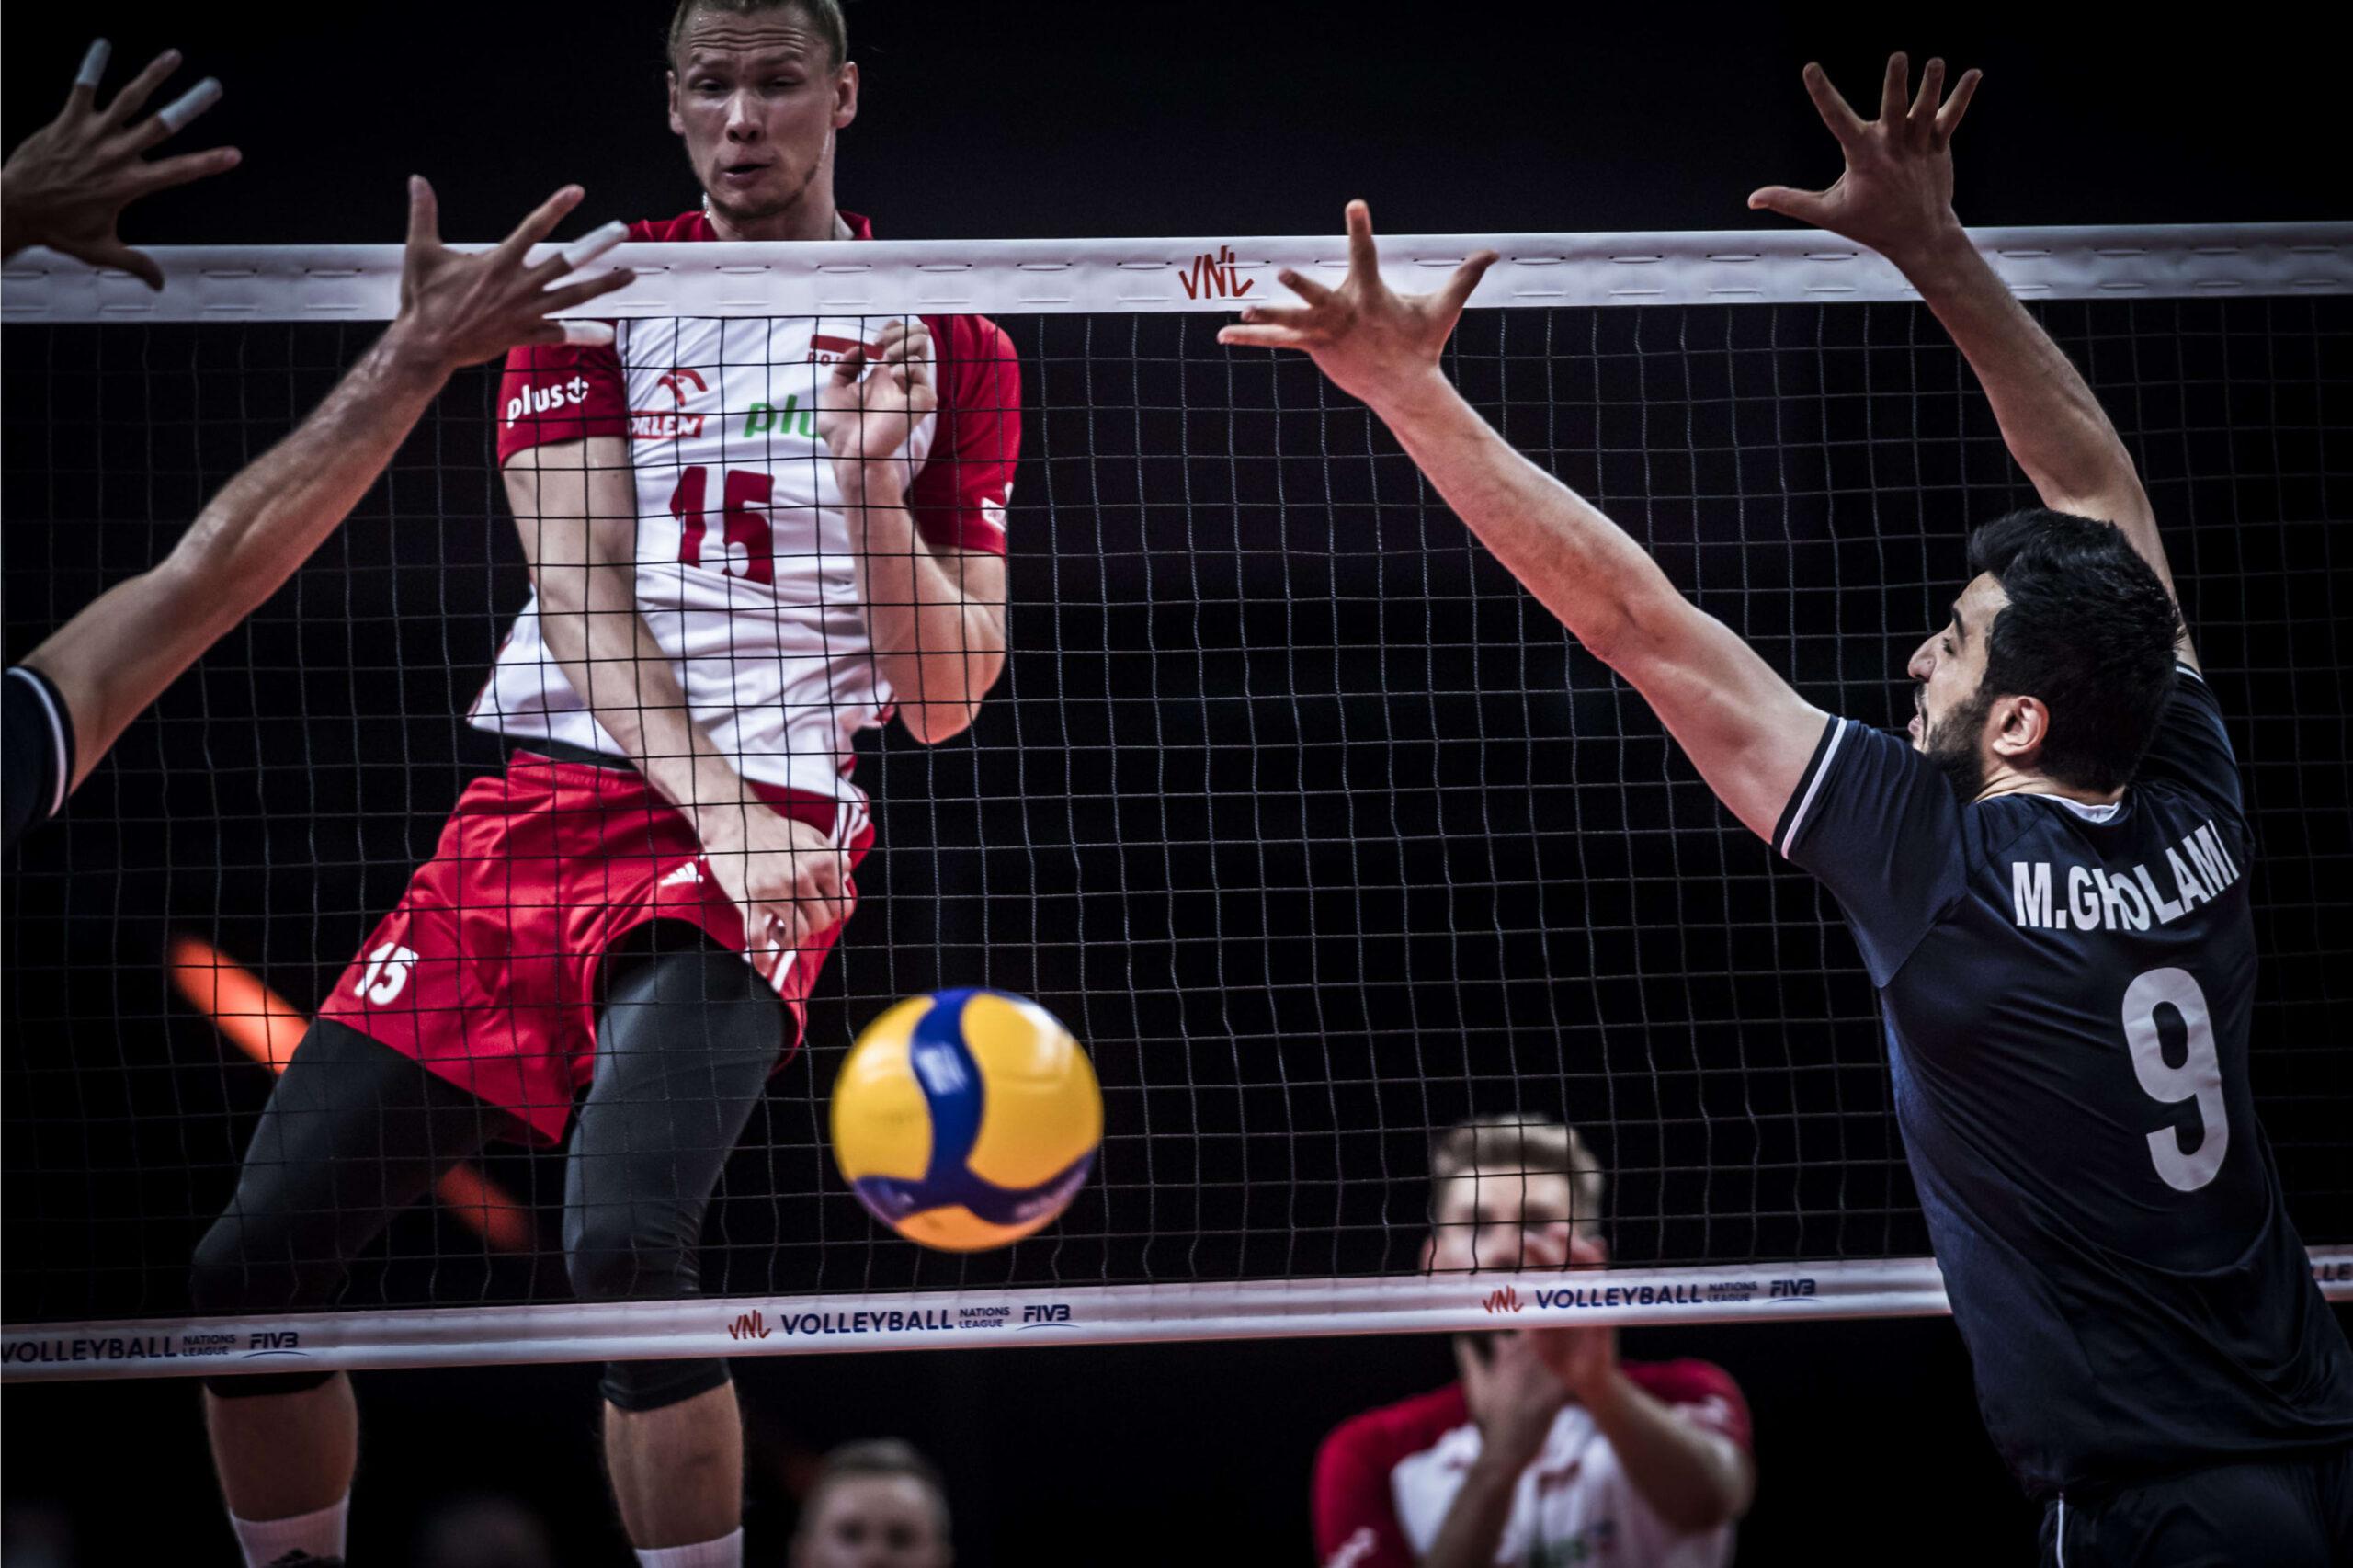 ایران ۰ – لهستان ۳، الکس نسخه تیم ملی را پیچید.